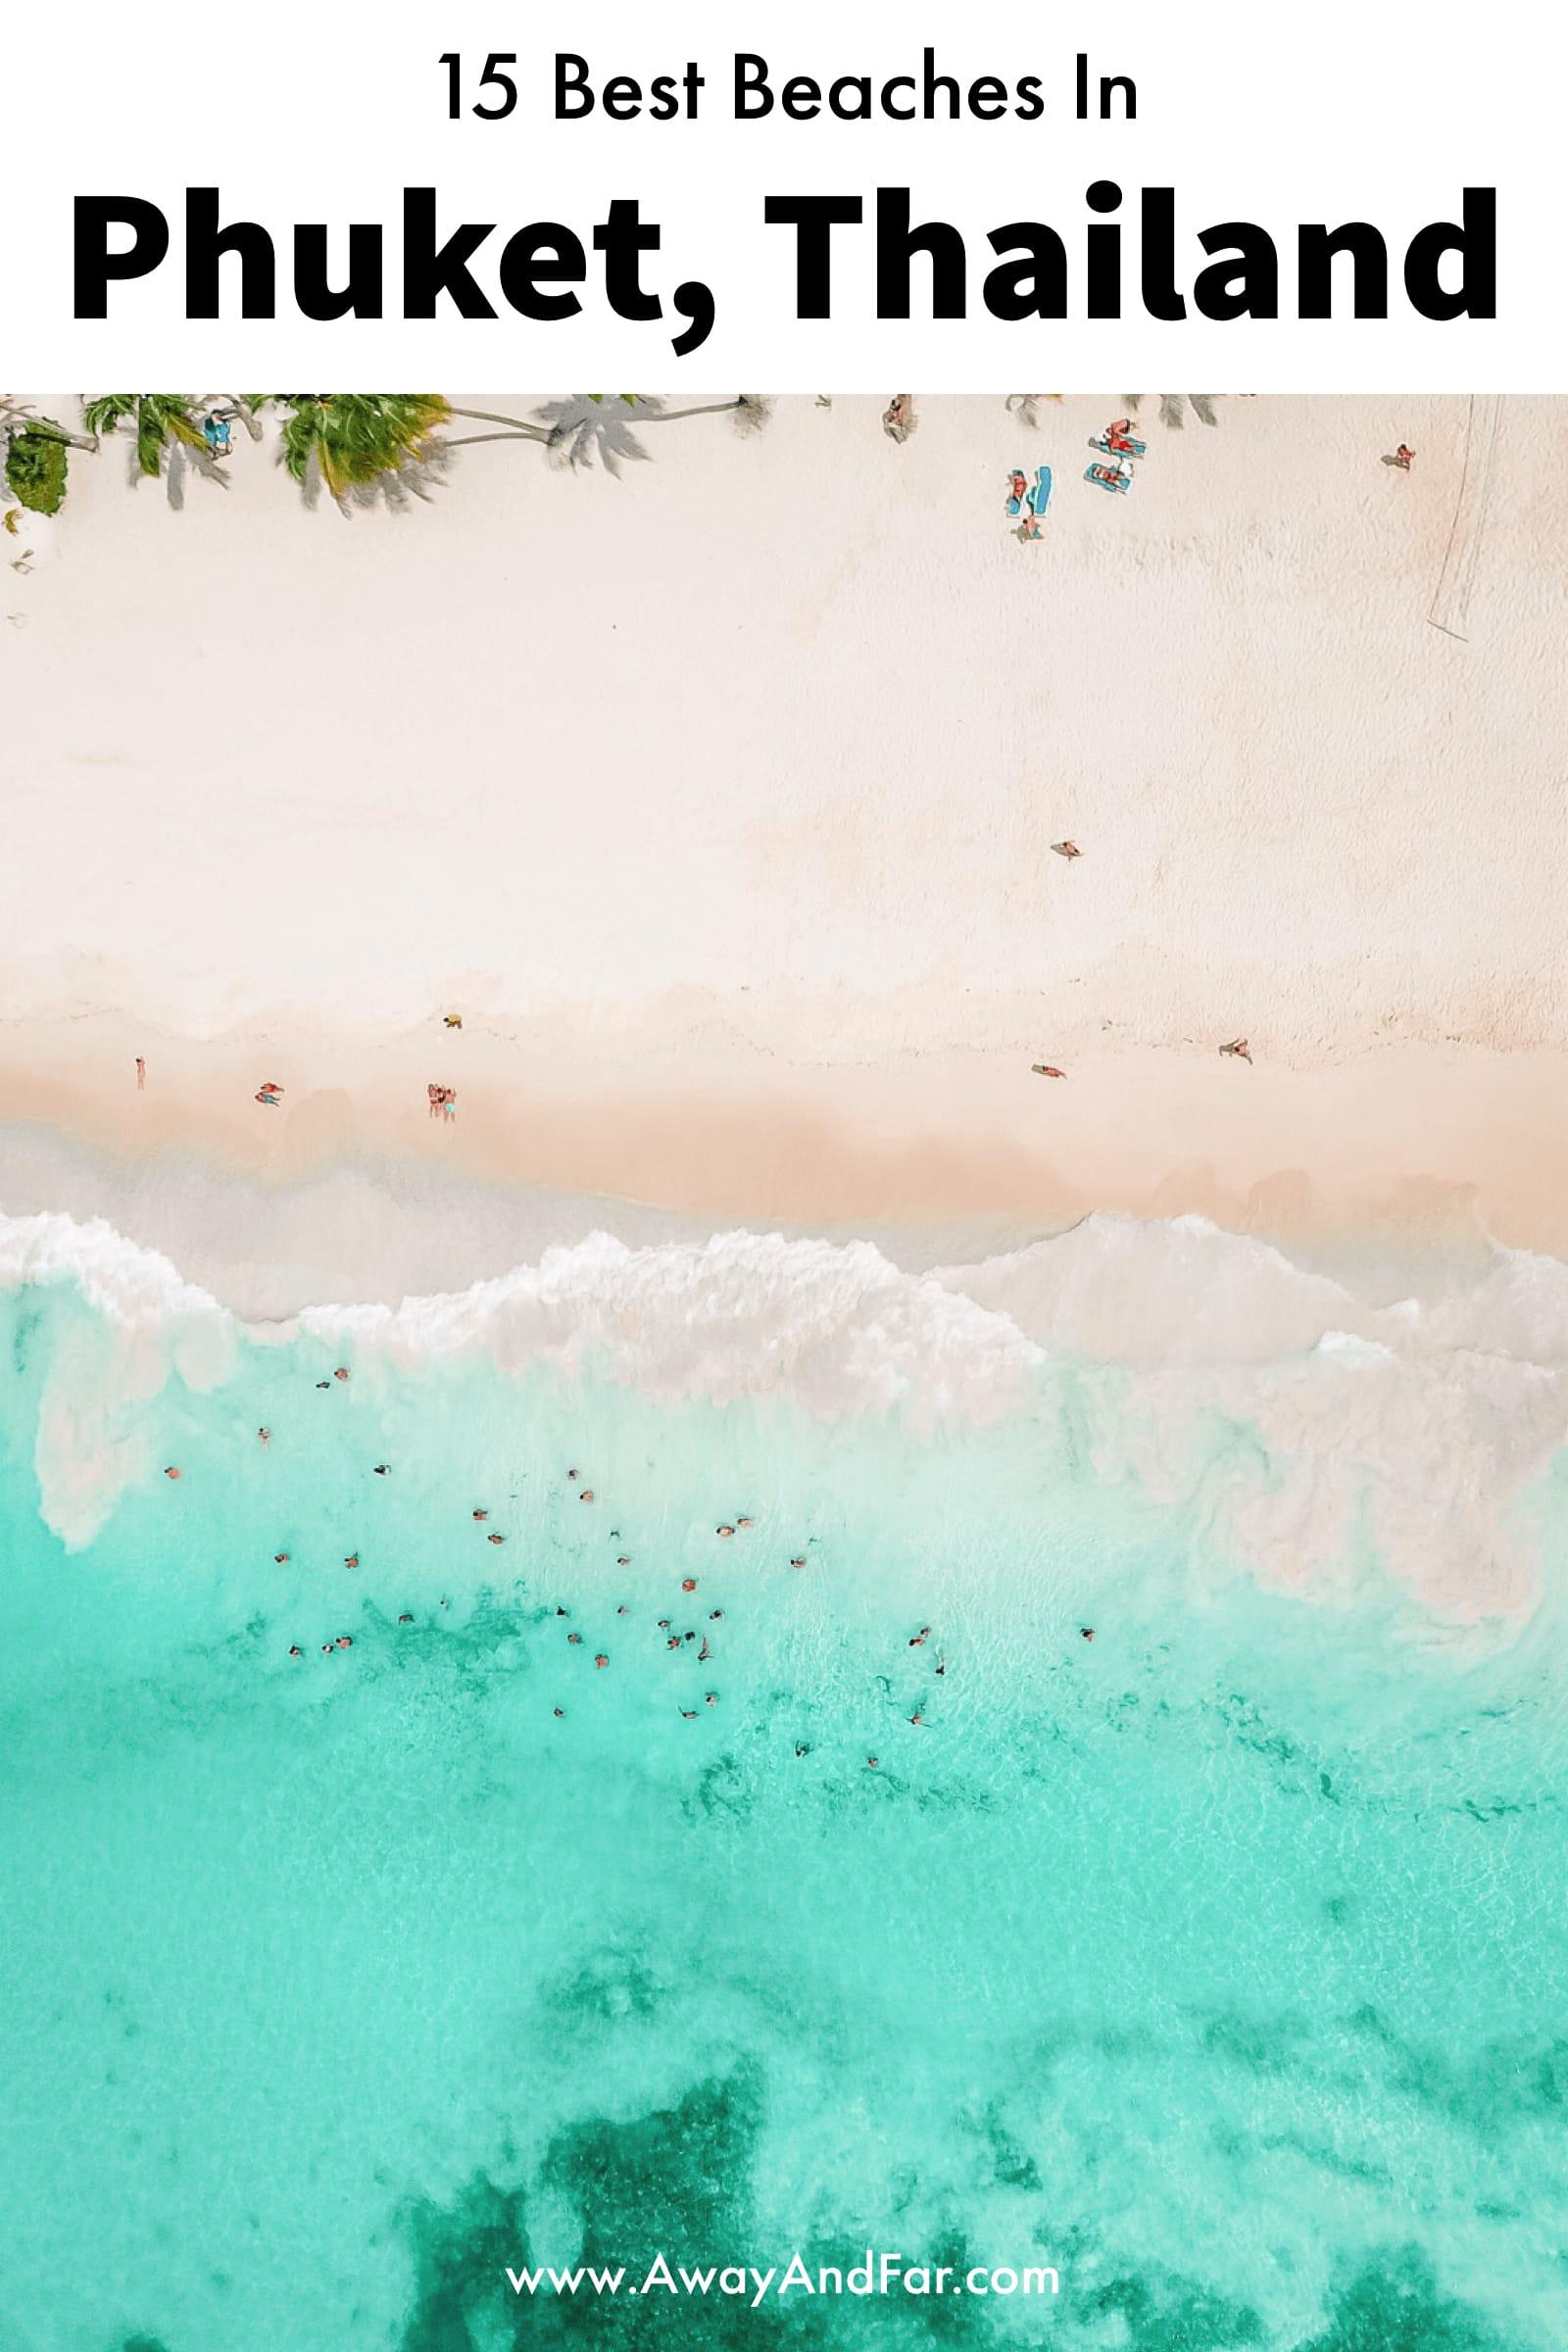 15 Best Beaches In Phuket, Thailand (1)